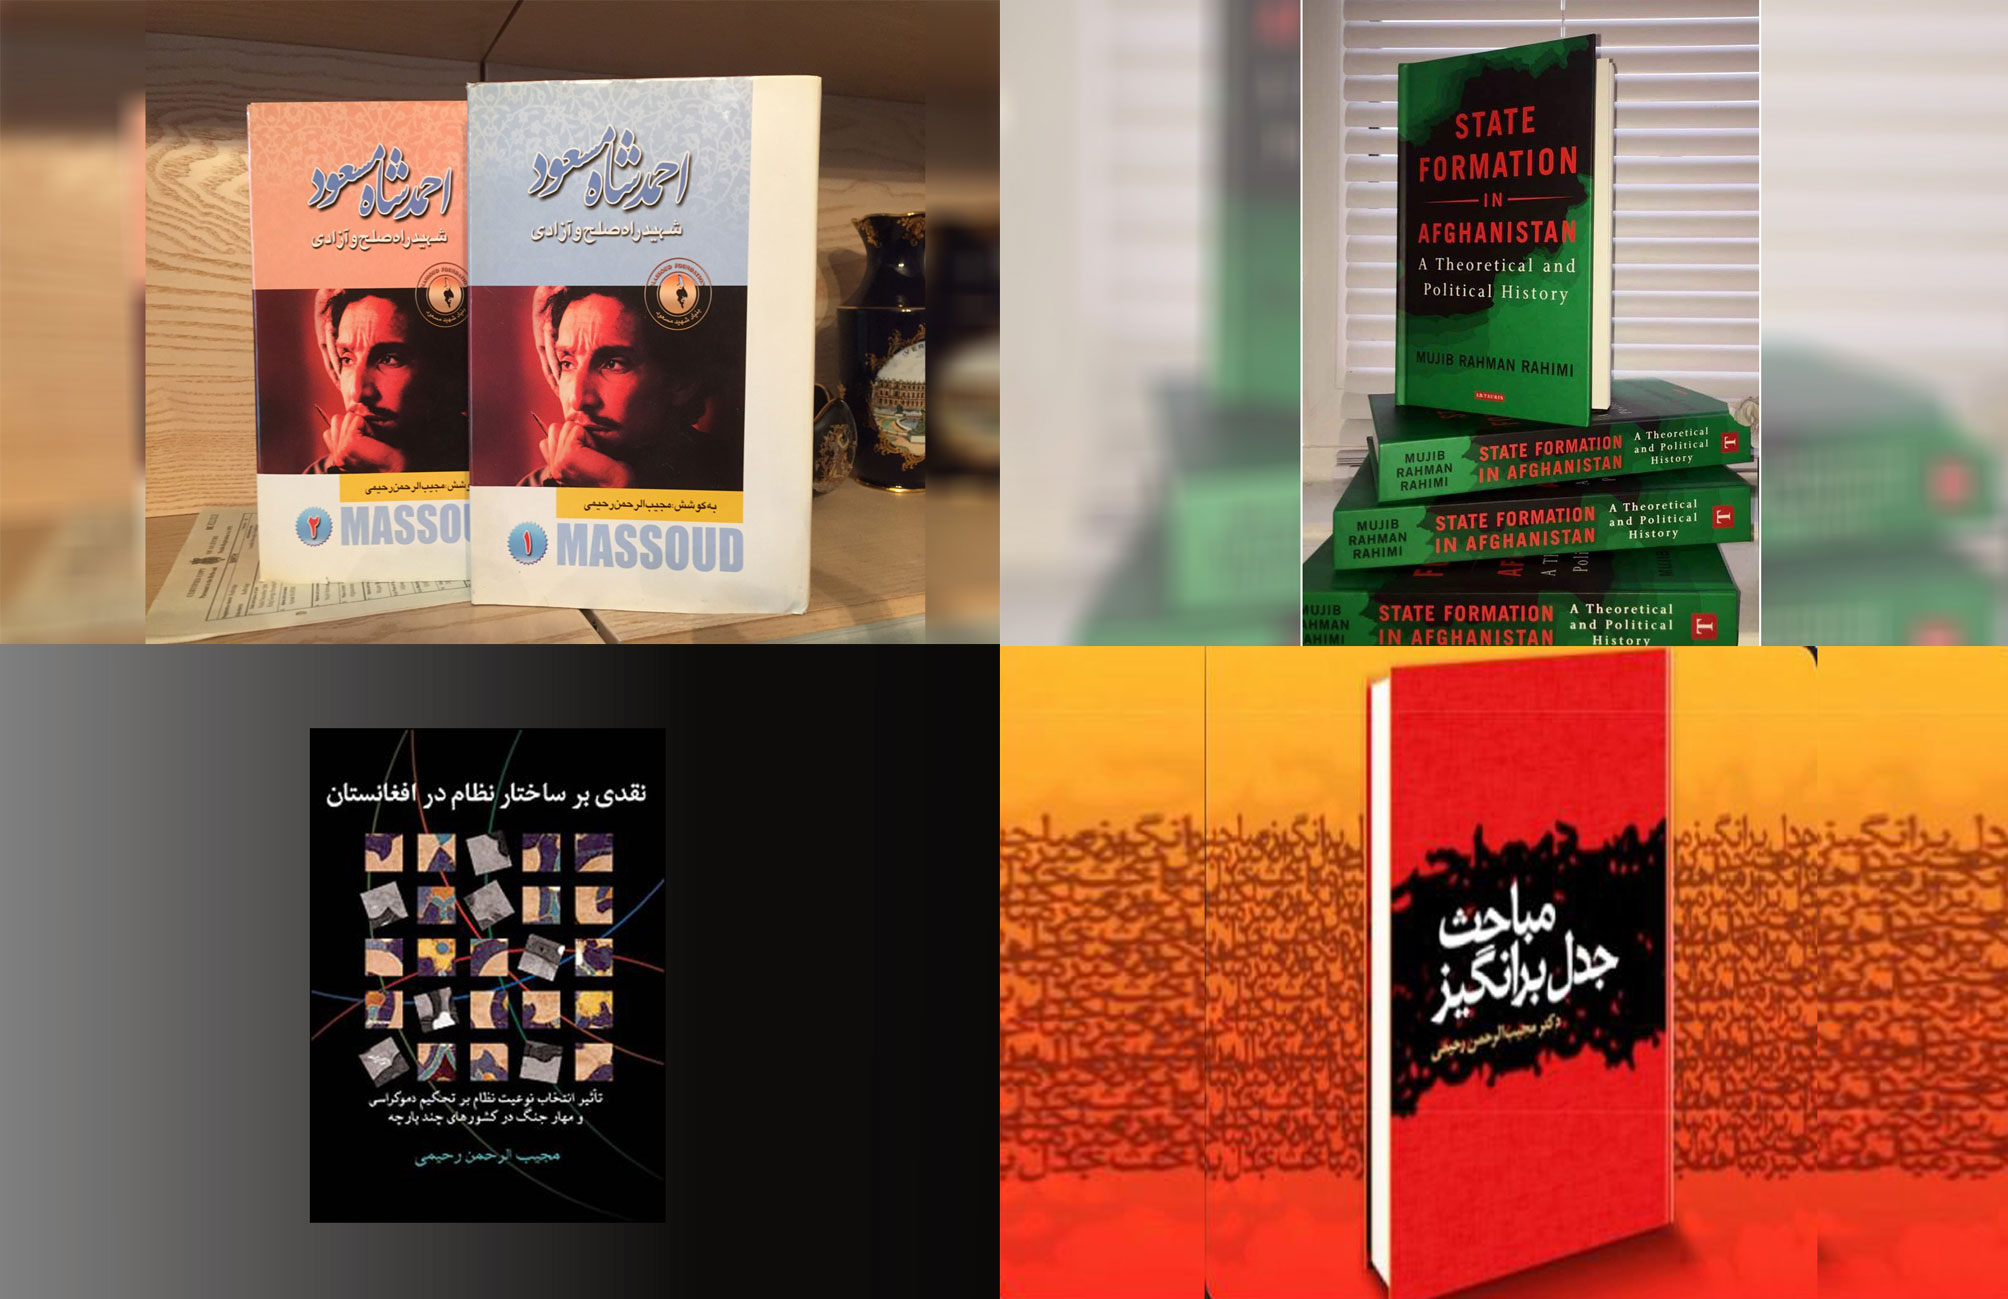 کتابهایم را میتوانید از کتابخانه سواس در لندن به دست آورید